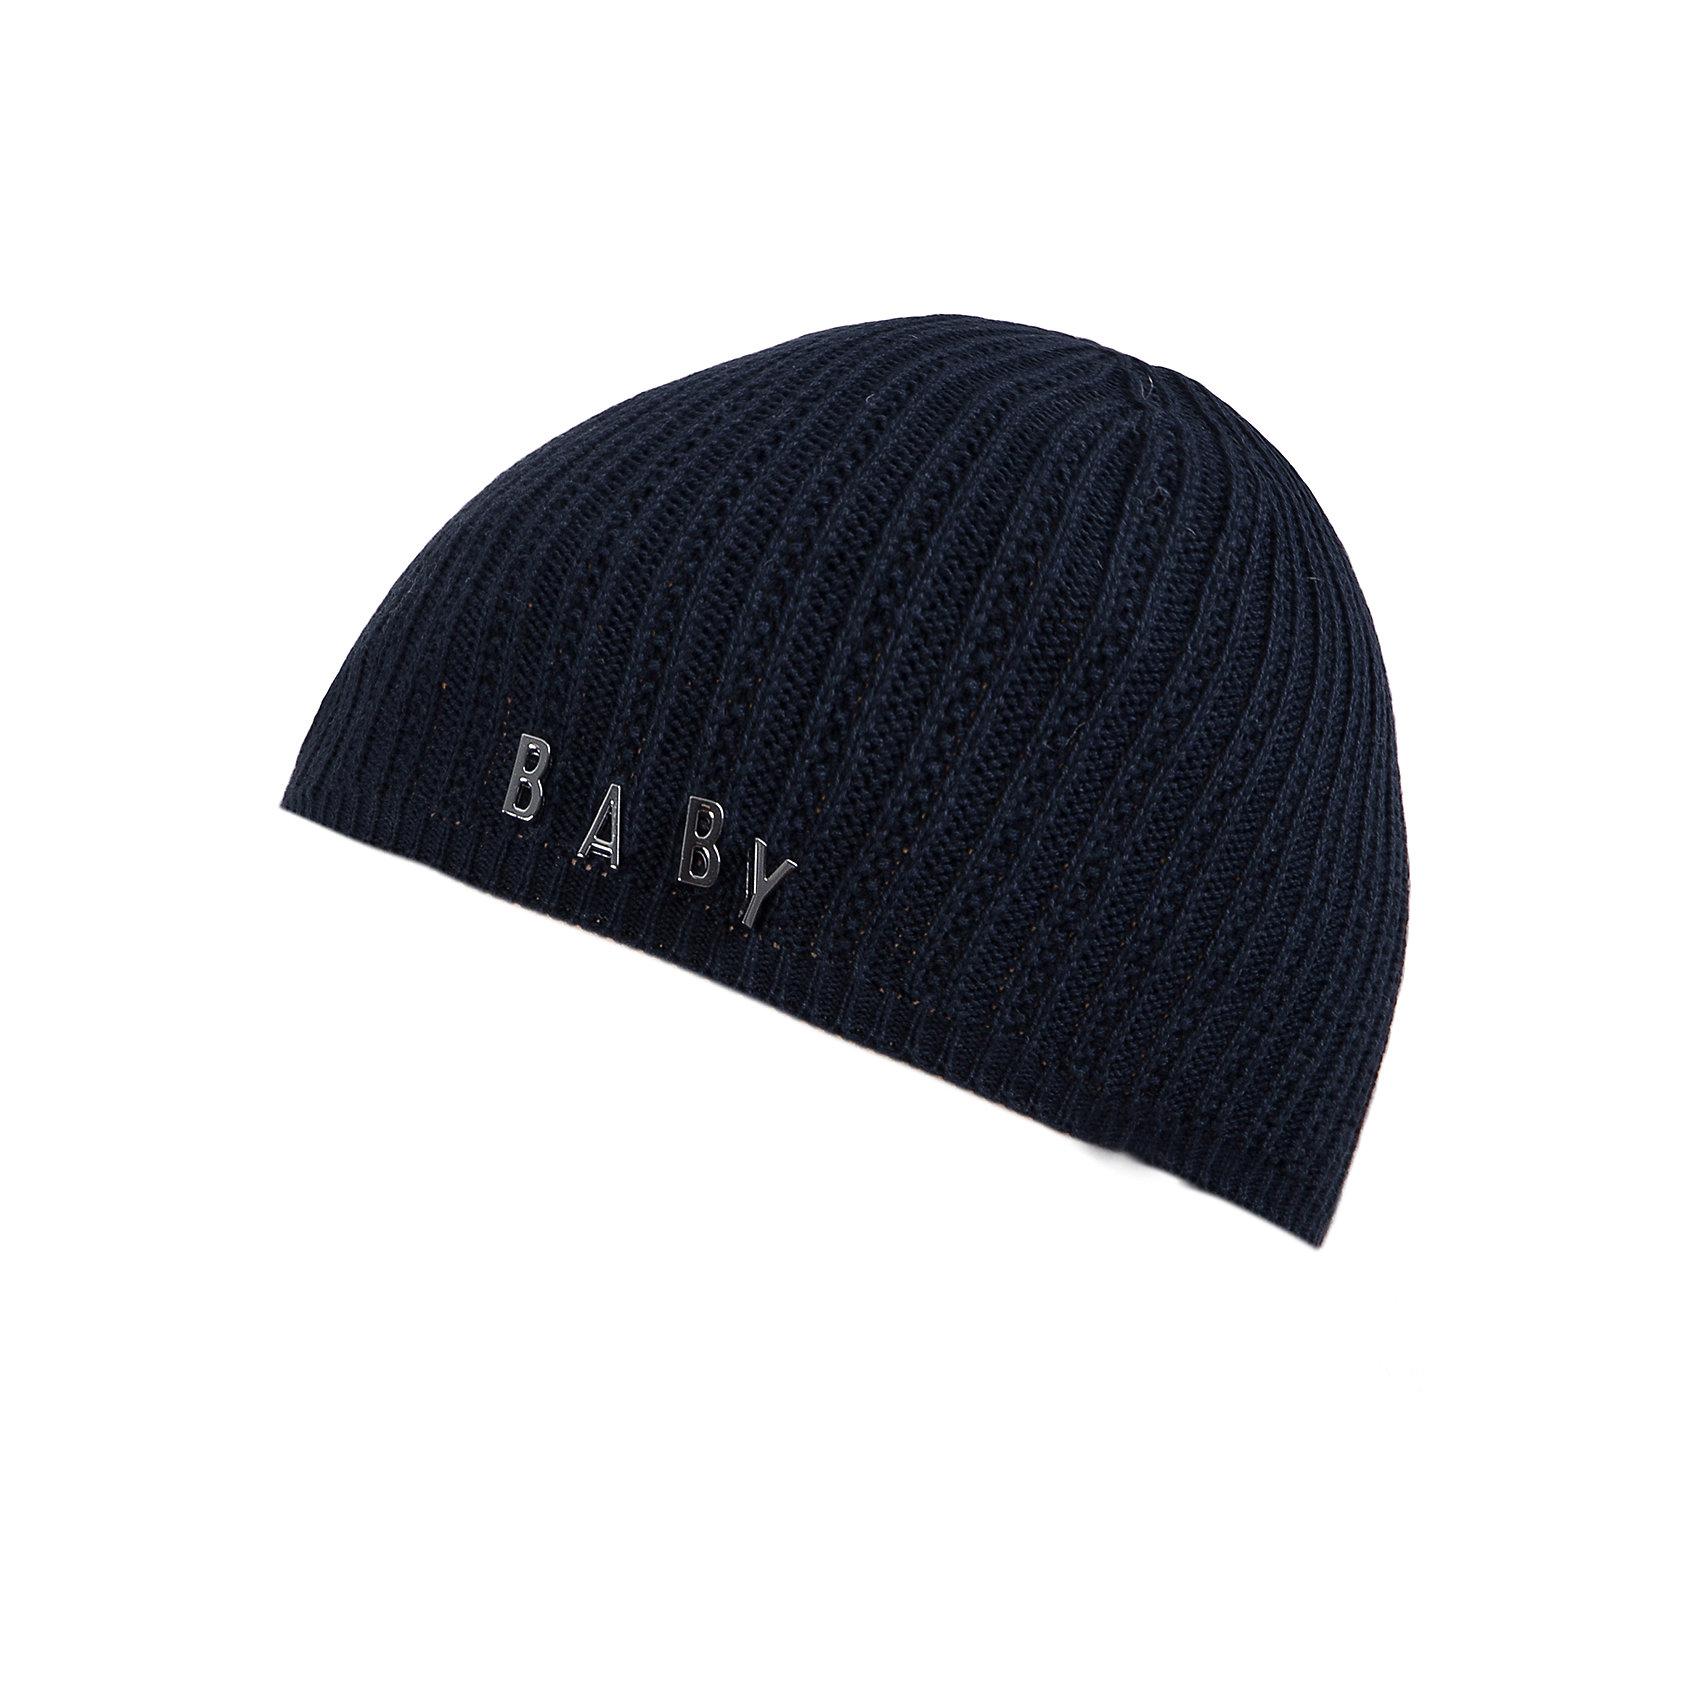 Шапка АртельШапочки<br>Шапка от торговой марки Артель <br><br>Мягкая хлопковая шапка отлично смотрится на детях и комфортно сидит.  Изделие выполнено из качественных натуральных материалов.<br>Одежда от бренда Артель – это высокое качество по приемлемой цене и всегда продуманный дизайн. <br><br>Особенности модели: <br>- цвет — синий; <br>- вязка лапшой; <br>- материал - натуральный хлопок. <br><br>Дополнительная информация: <br><br>Состав: 100% хлопок.<br><br>Температурный режим: <br>от 0 °C до +15 °C <br><br>Шапку Артель (Artel) можно купить в нашем магазине.<br><br>Ширина мм: 89<br>Глубина мм: 117<br>Высота мм: 44<br>Вес г: 155<br>Цвет: синий<br>Возраст от месяцев: 4<br>Возраст до месяцев: 6<br>Пол: Унисекс<br>Возраст: Детский<br>Размер: 44,42,46<br>SKU: 4500733